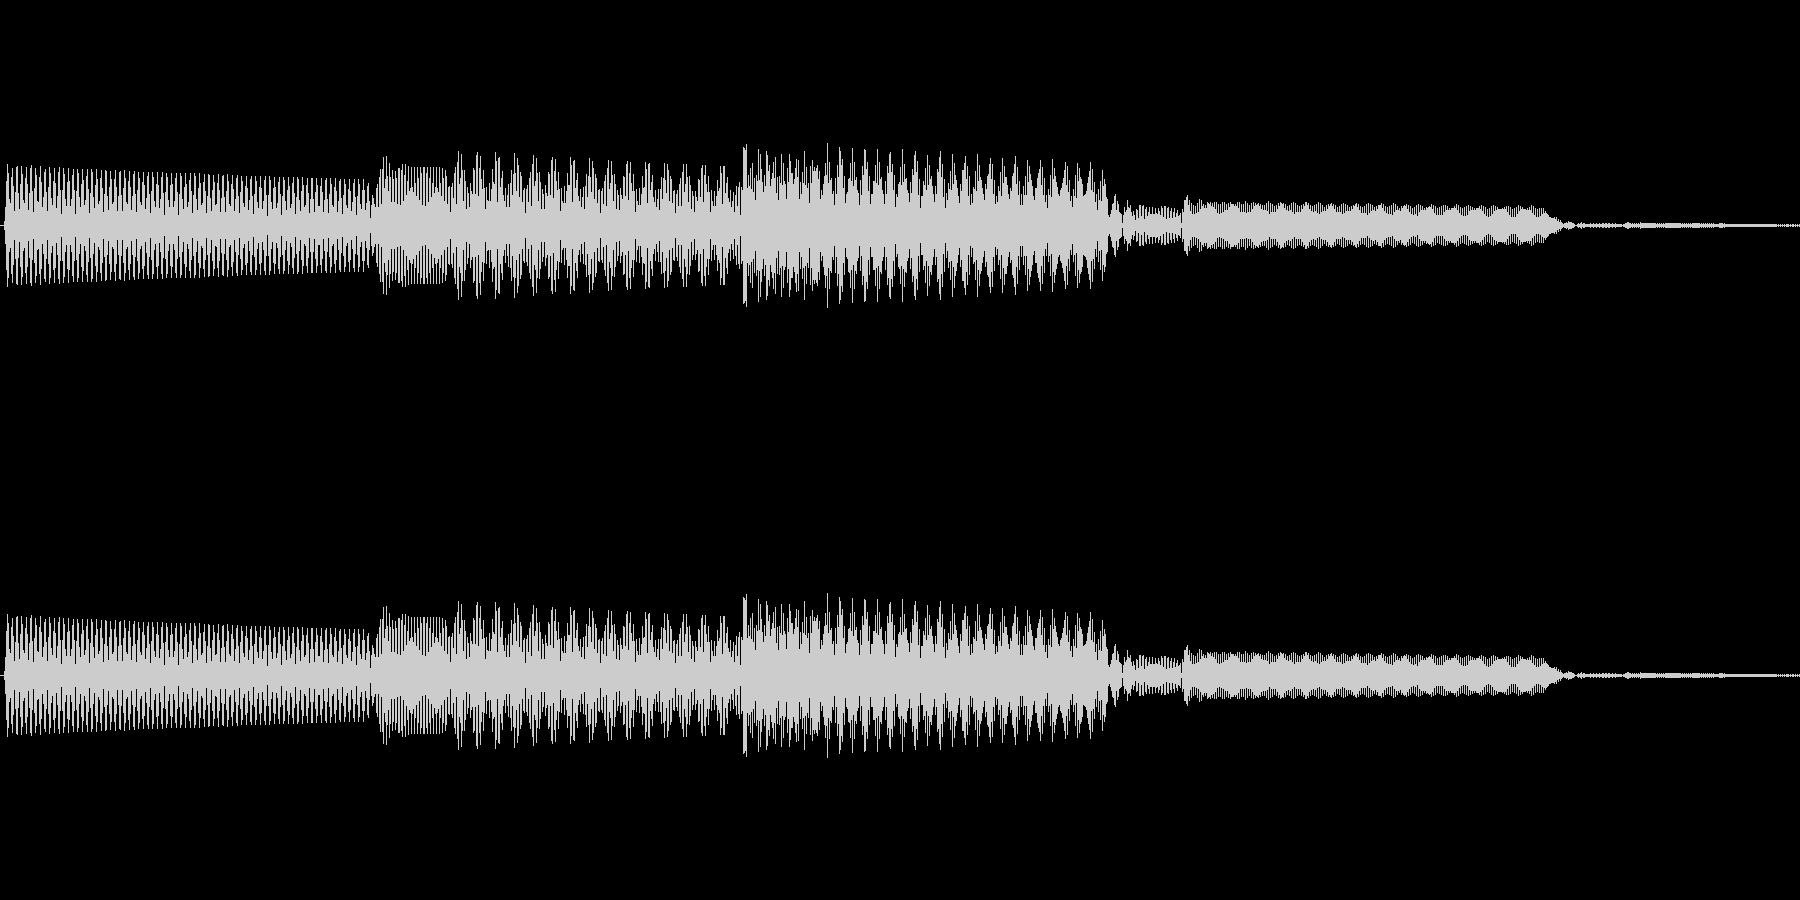 ボタン決定音システム選択タッチ登録A02の未再生の波形